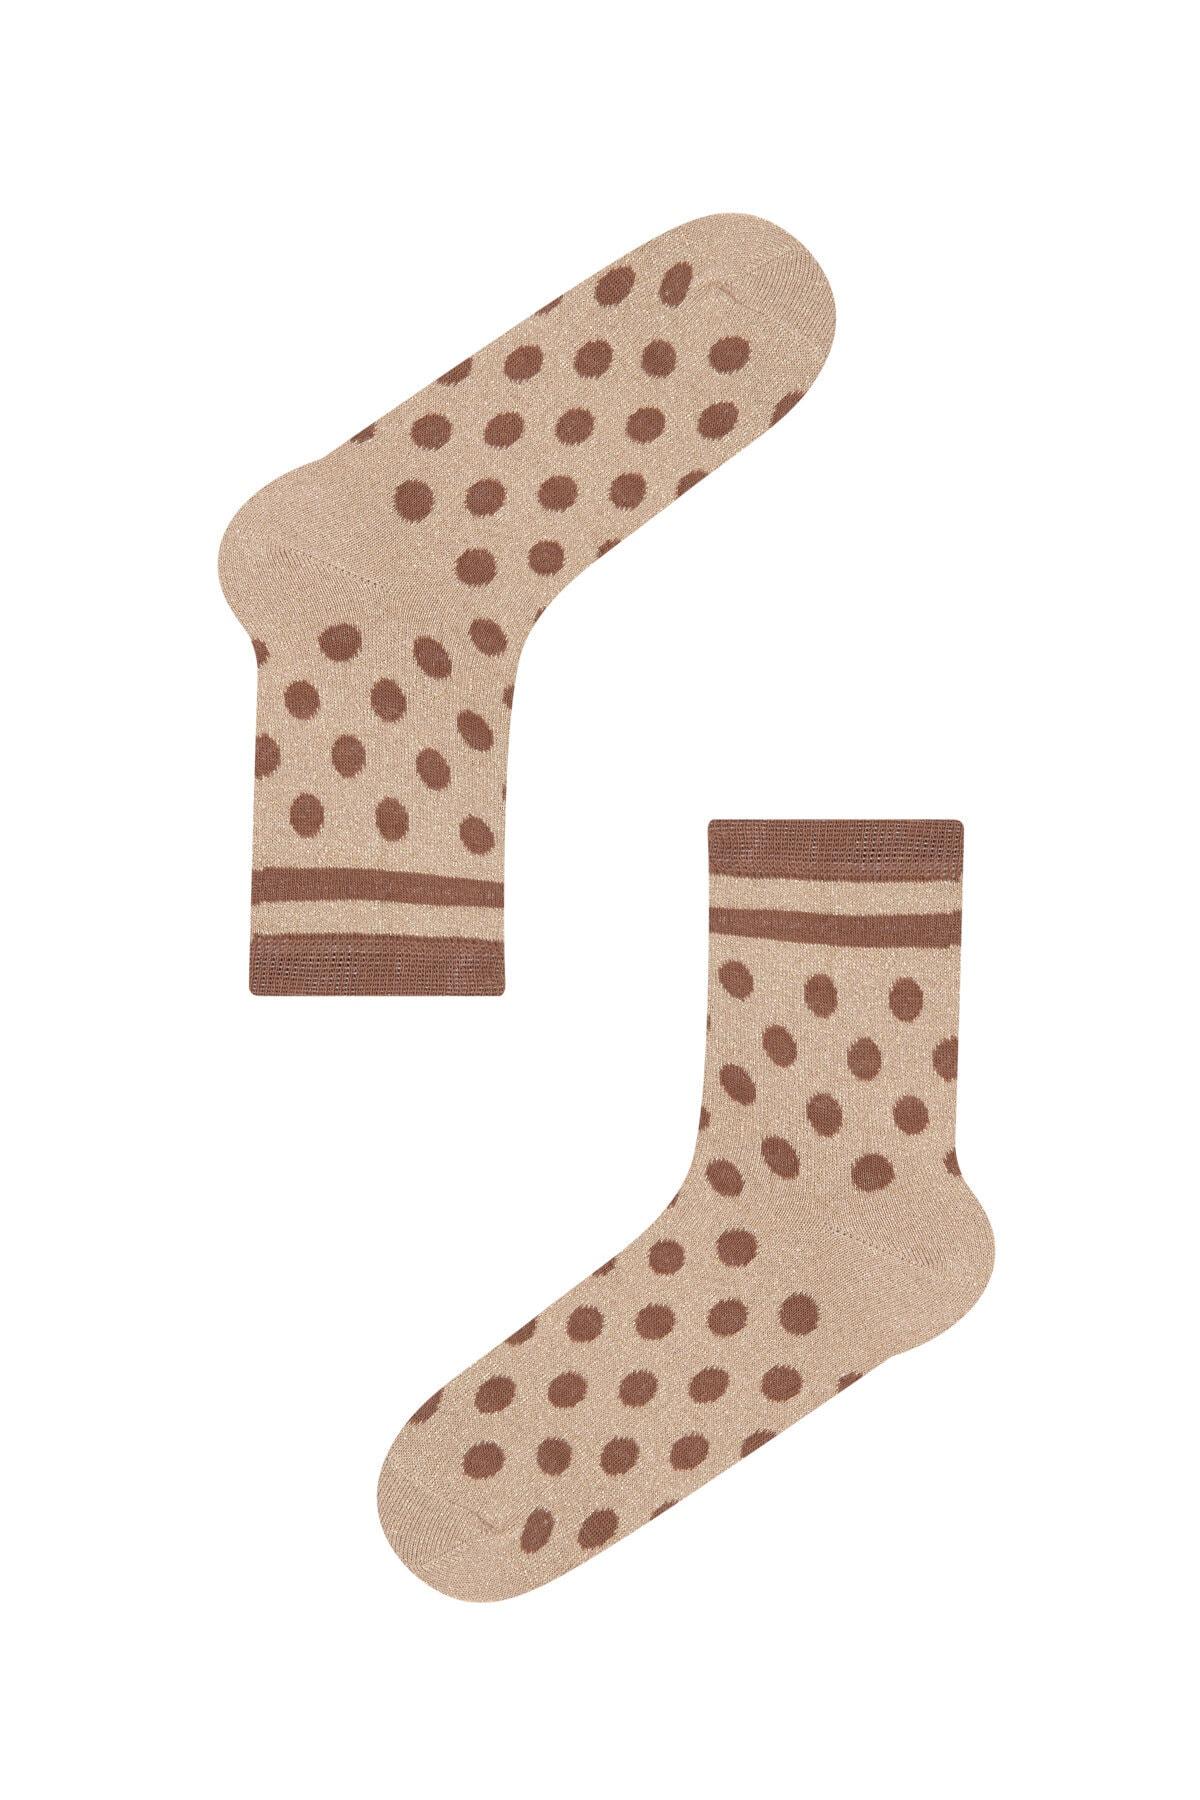 Penti Shiny Puan Soket Çorap